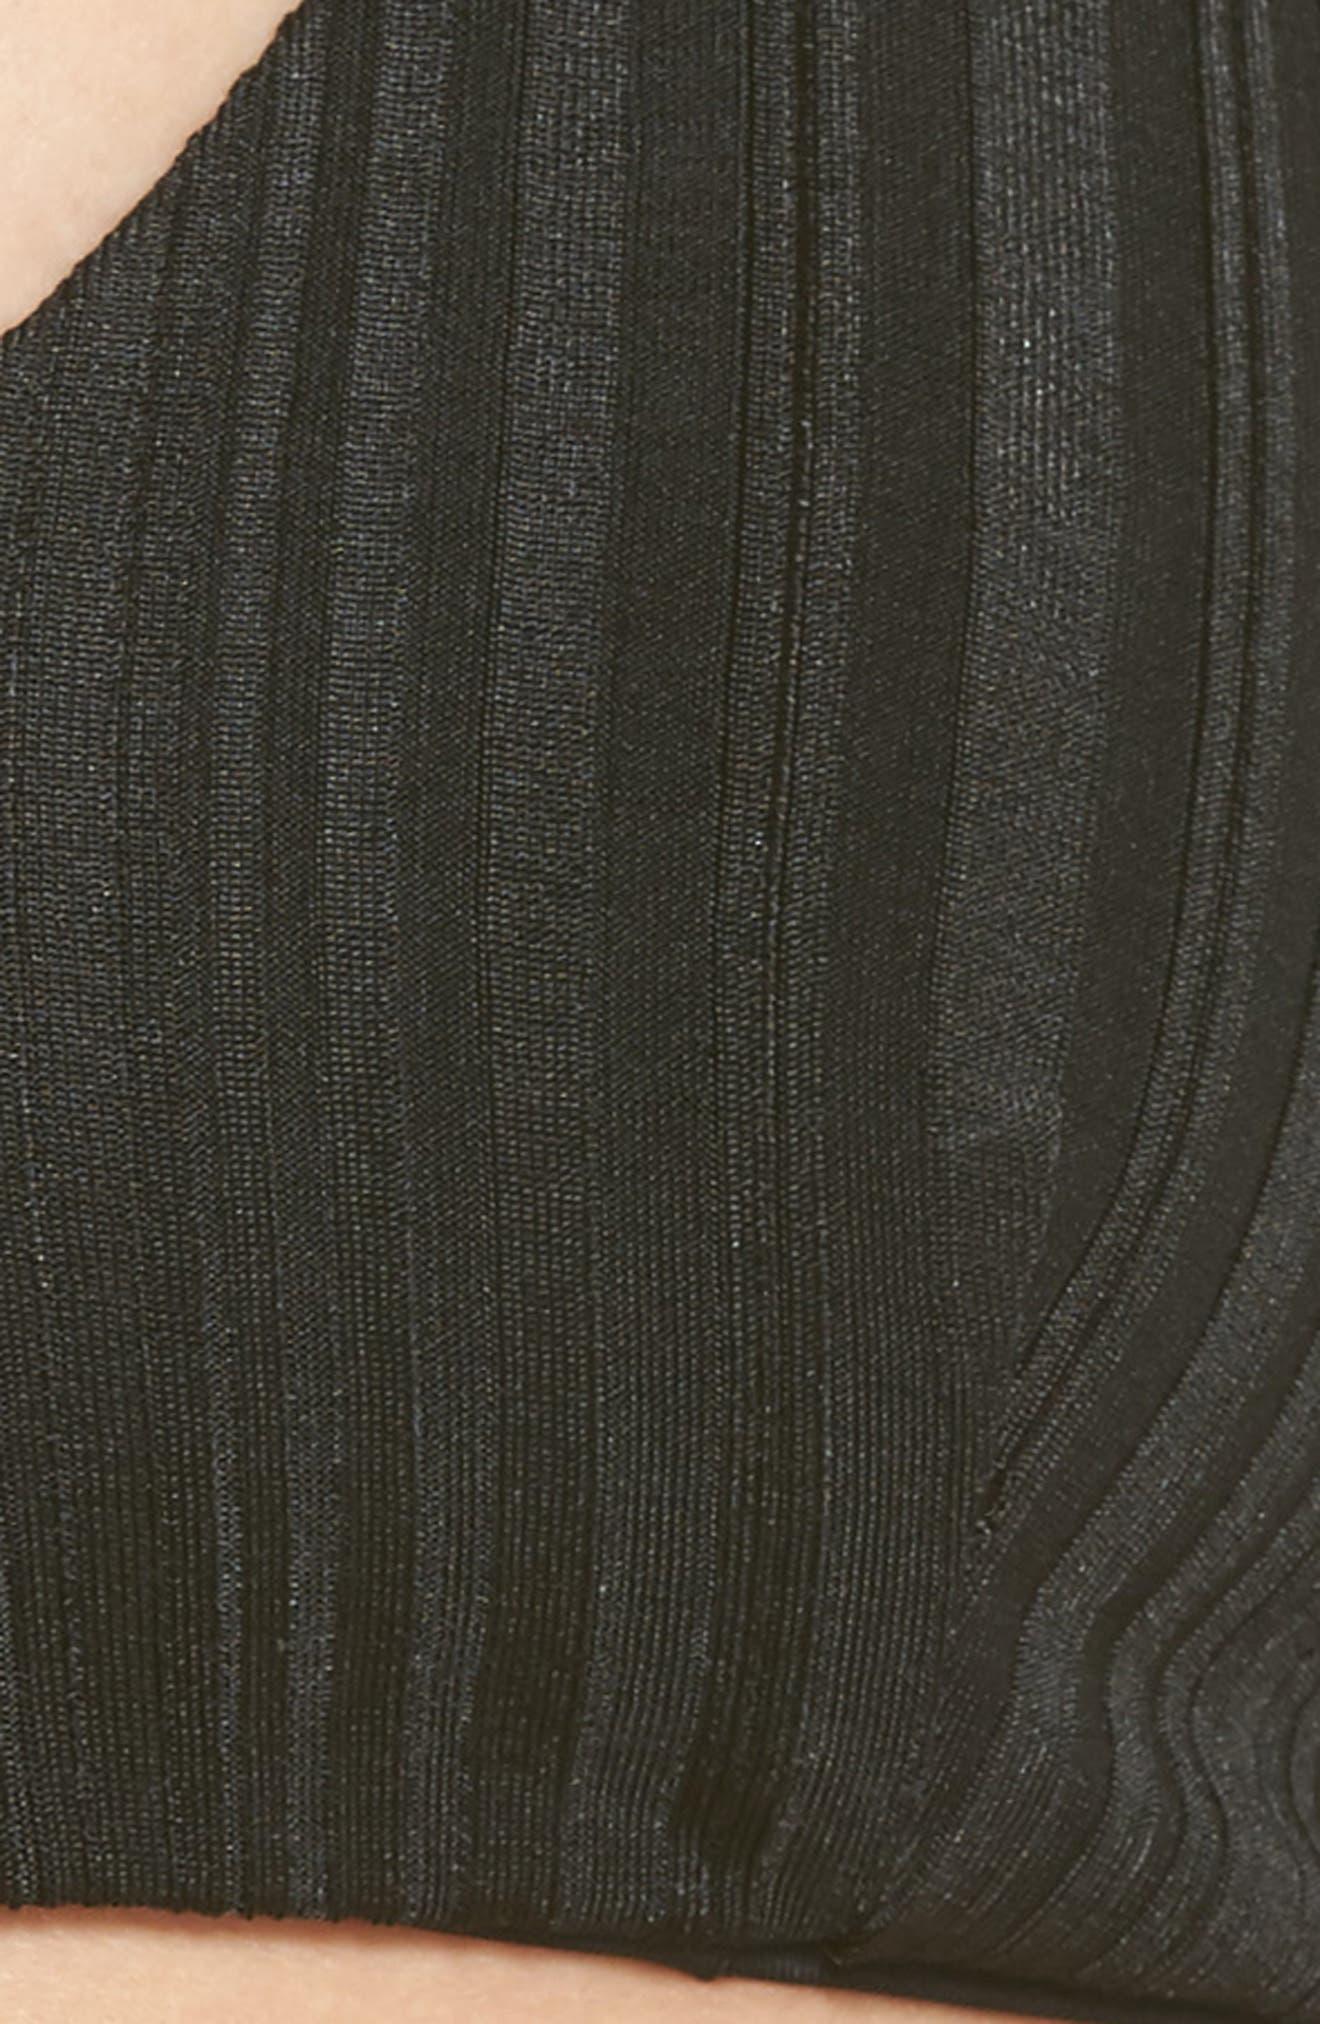 Nahla Bikini Top,                             Alternate thumbnail 5, color,                             BLACK